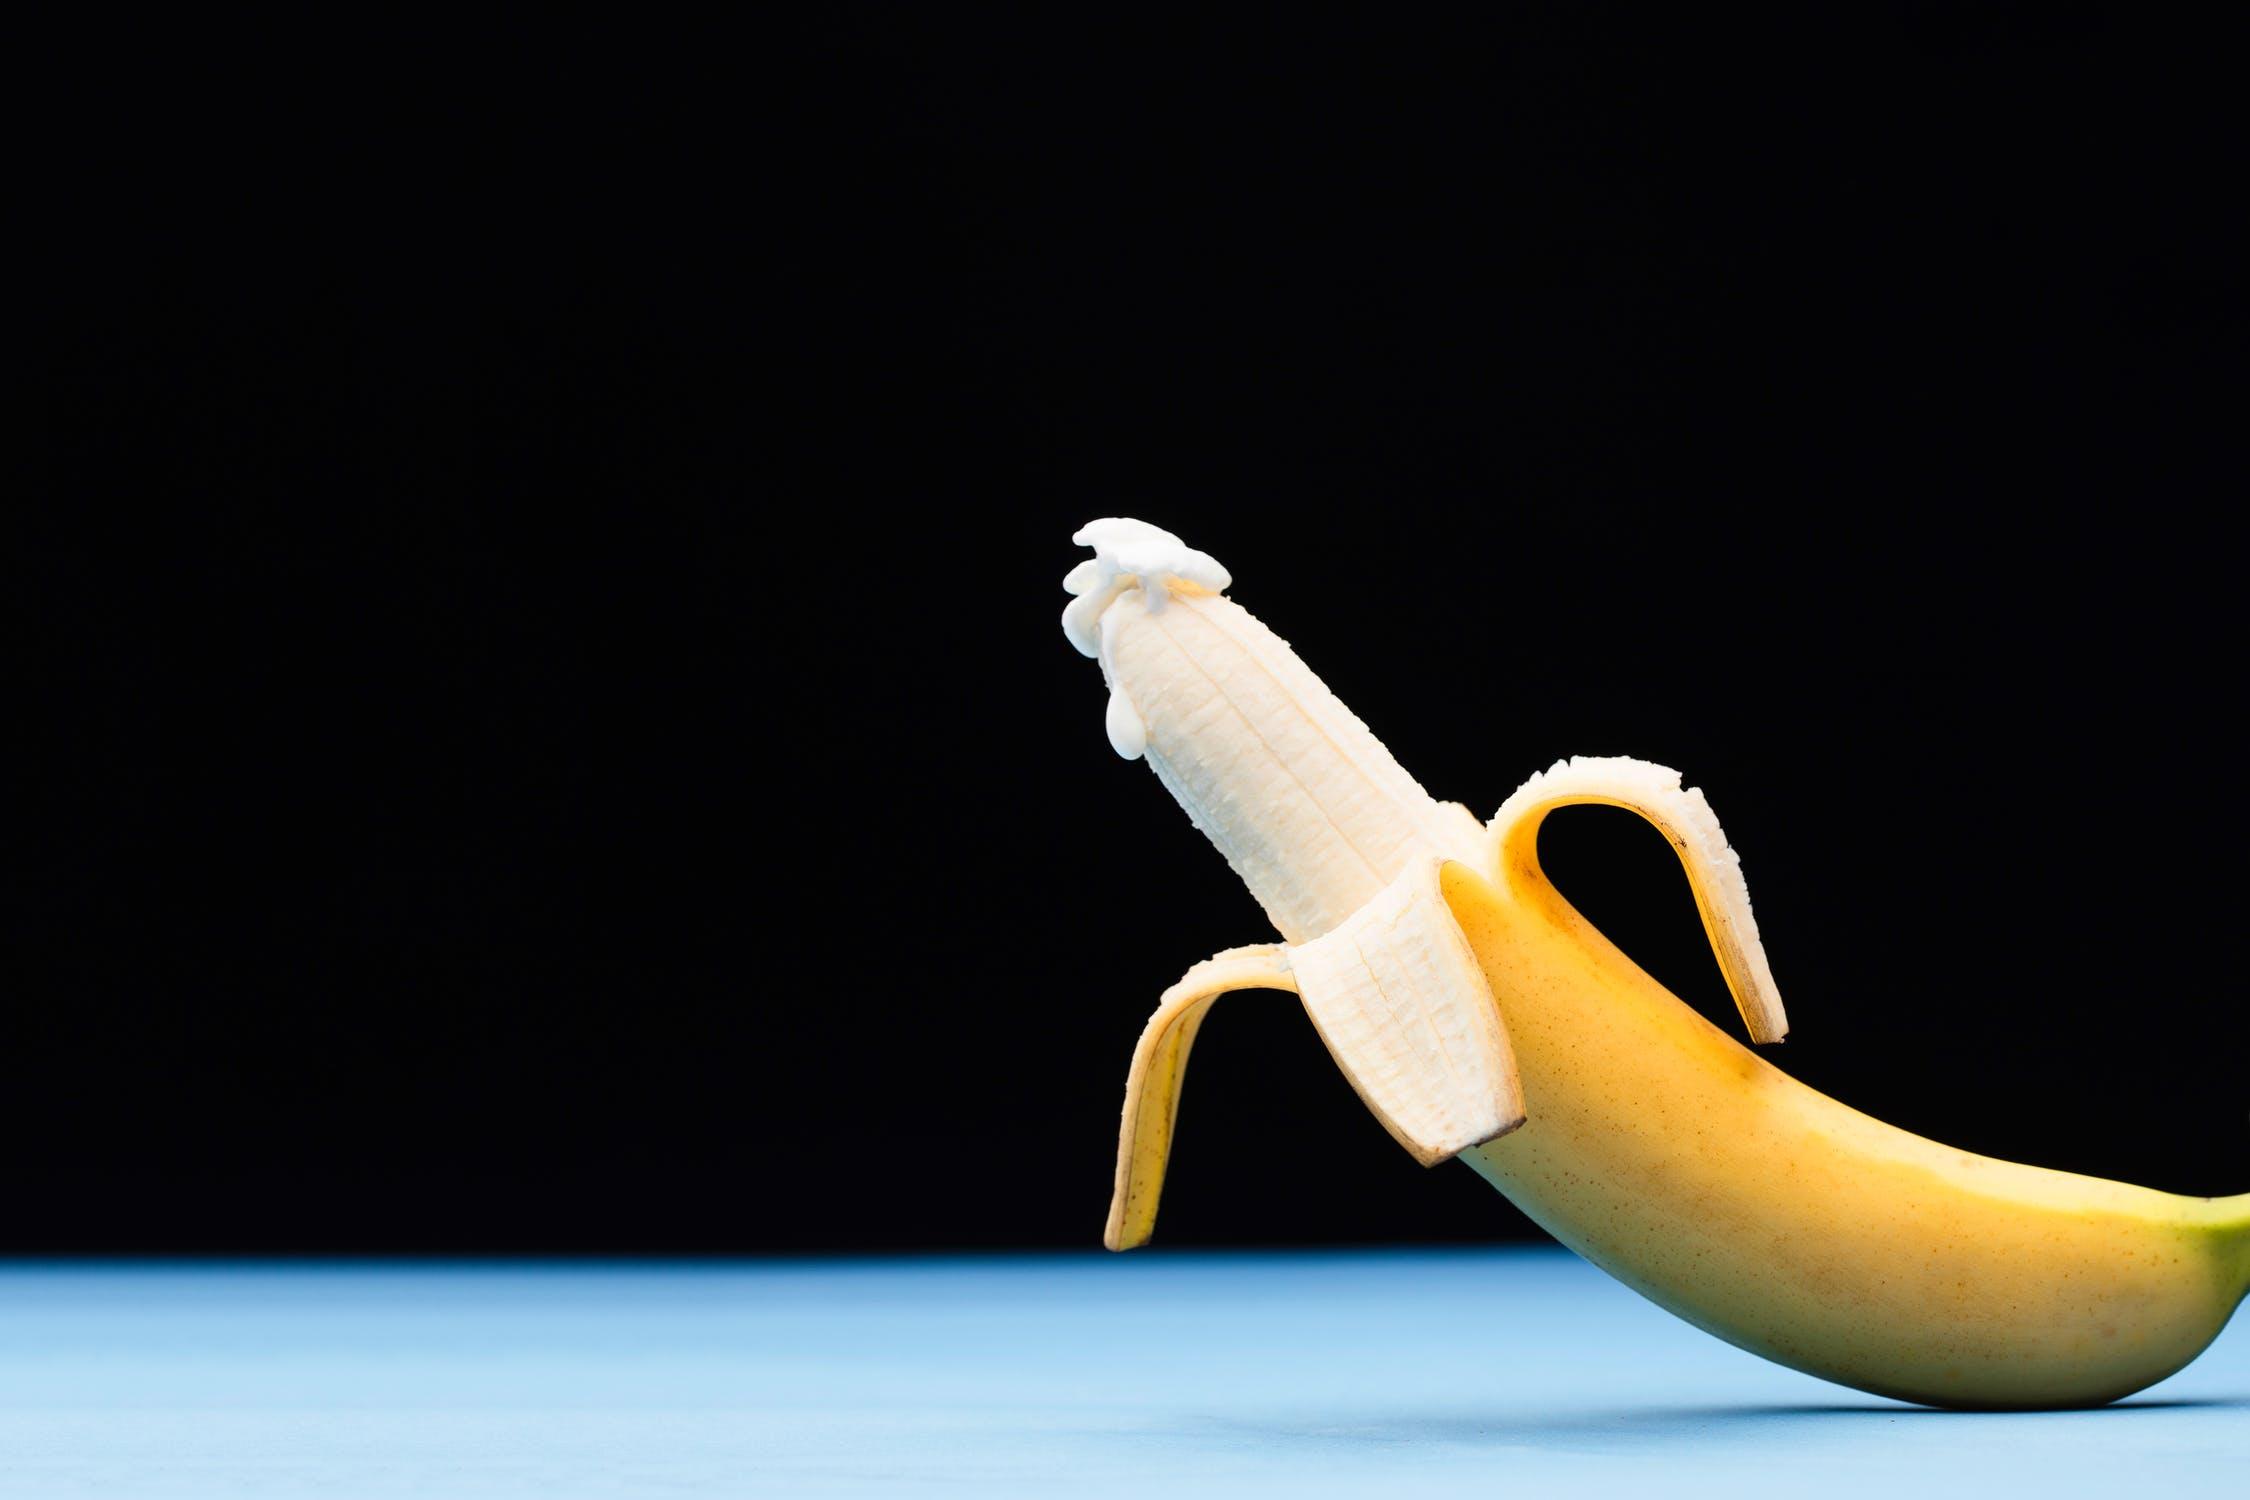 stilisierte Banane als Penis mit Sperma